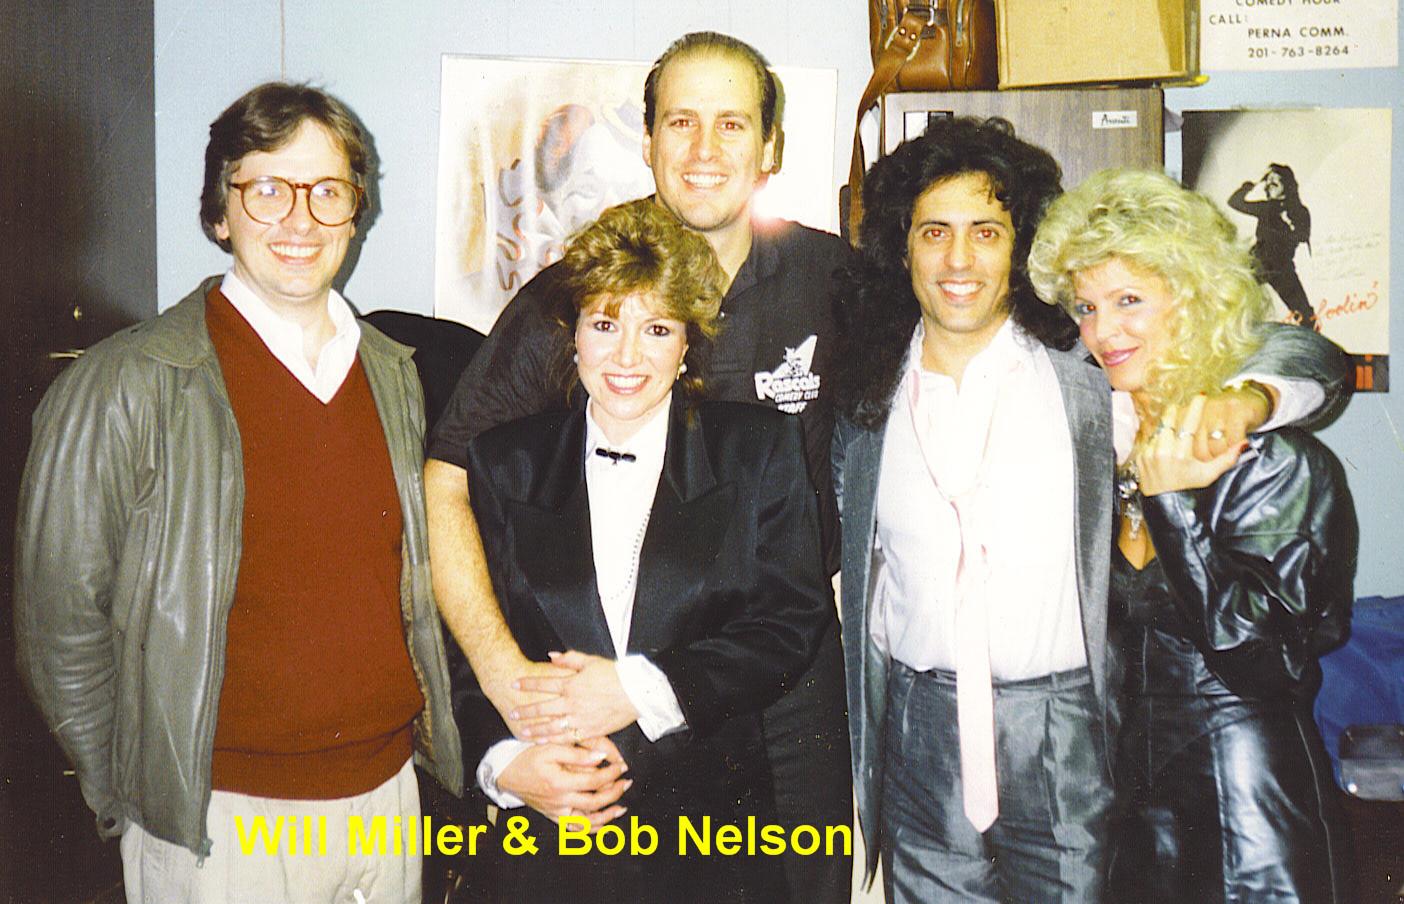 Dr. Will Miller & Bob Nelson